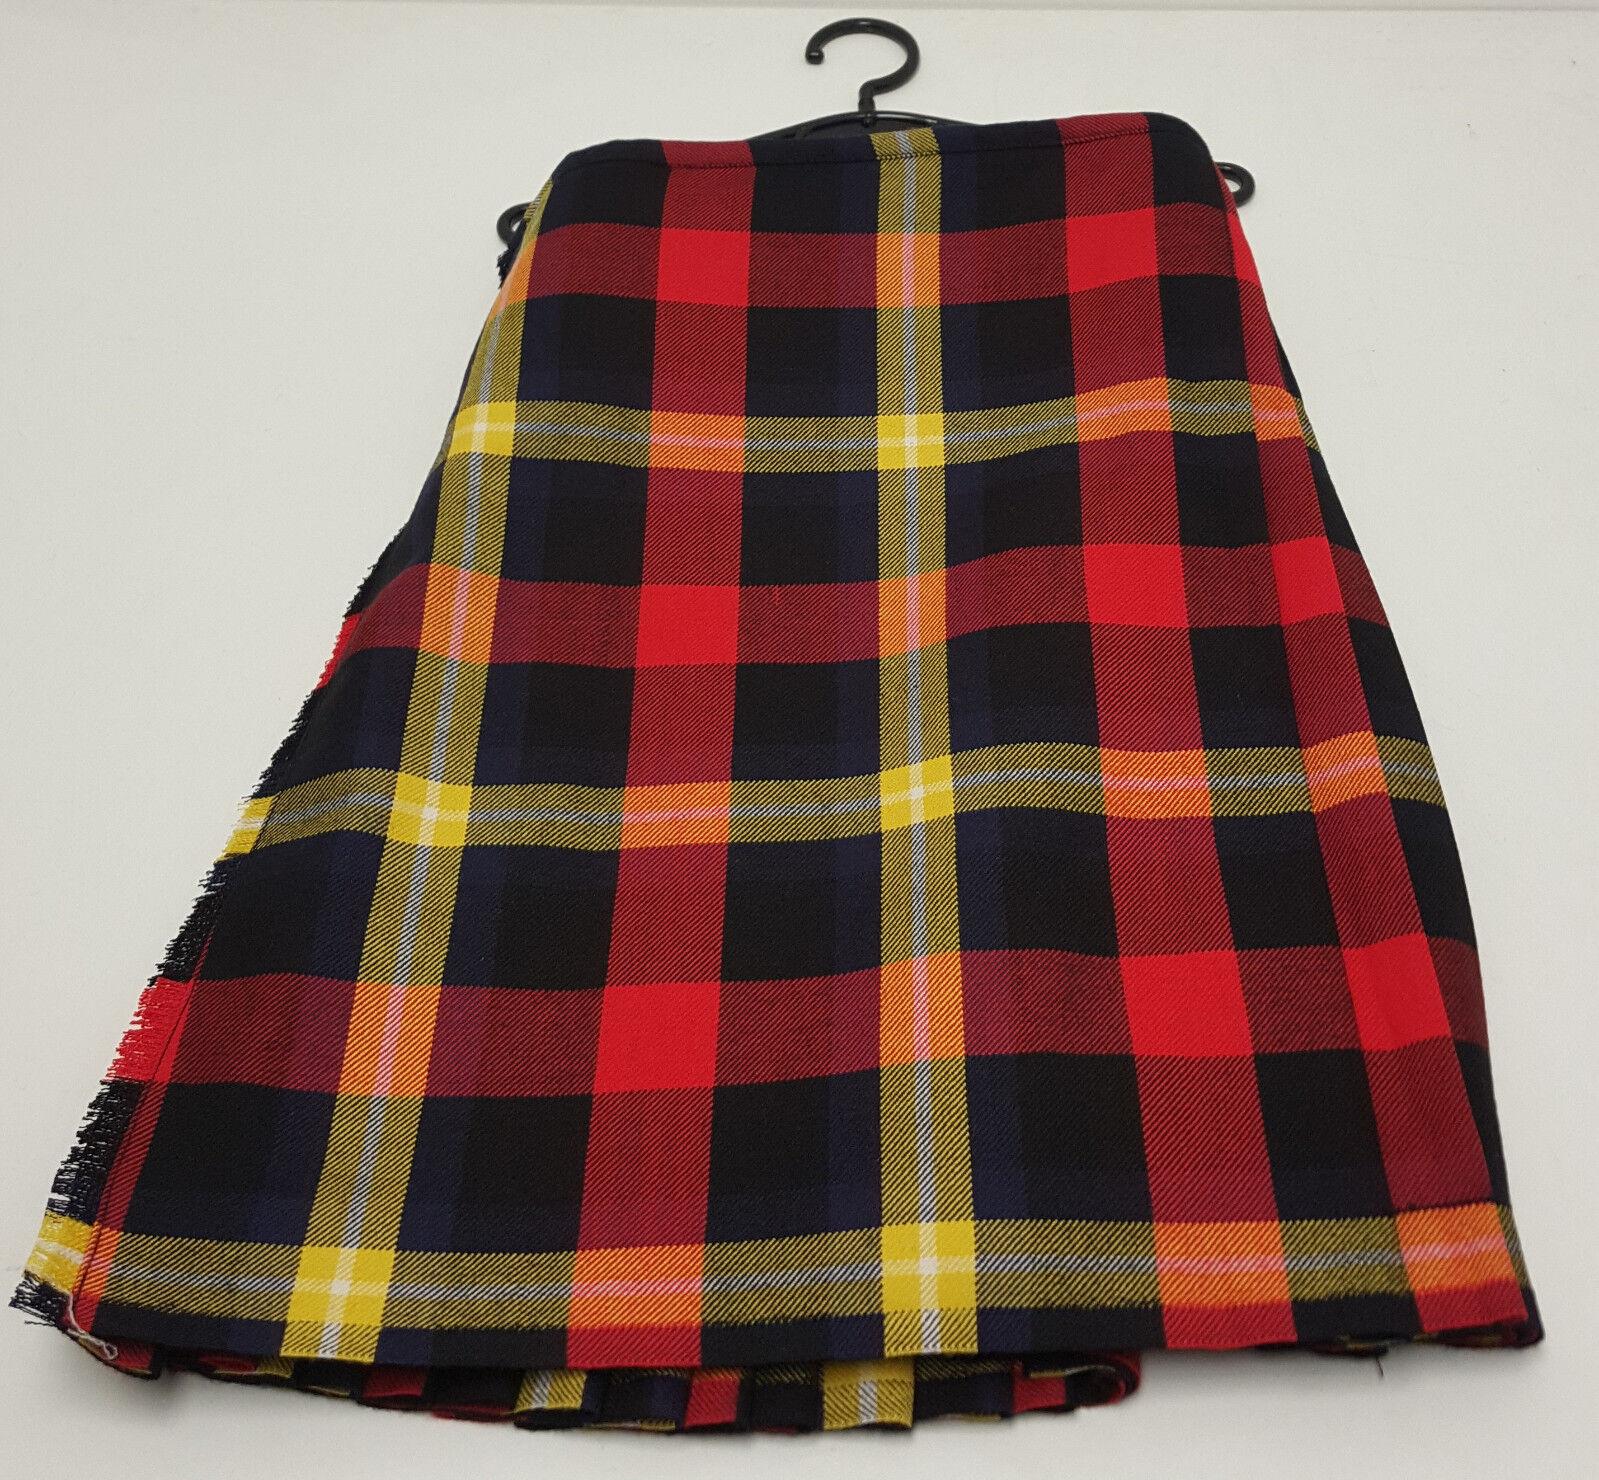 Strathwallace Tartan 8 Yard 100% Wool Kilt - Made in Scotland 44